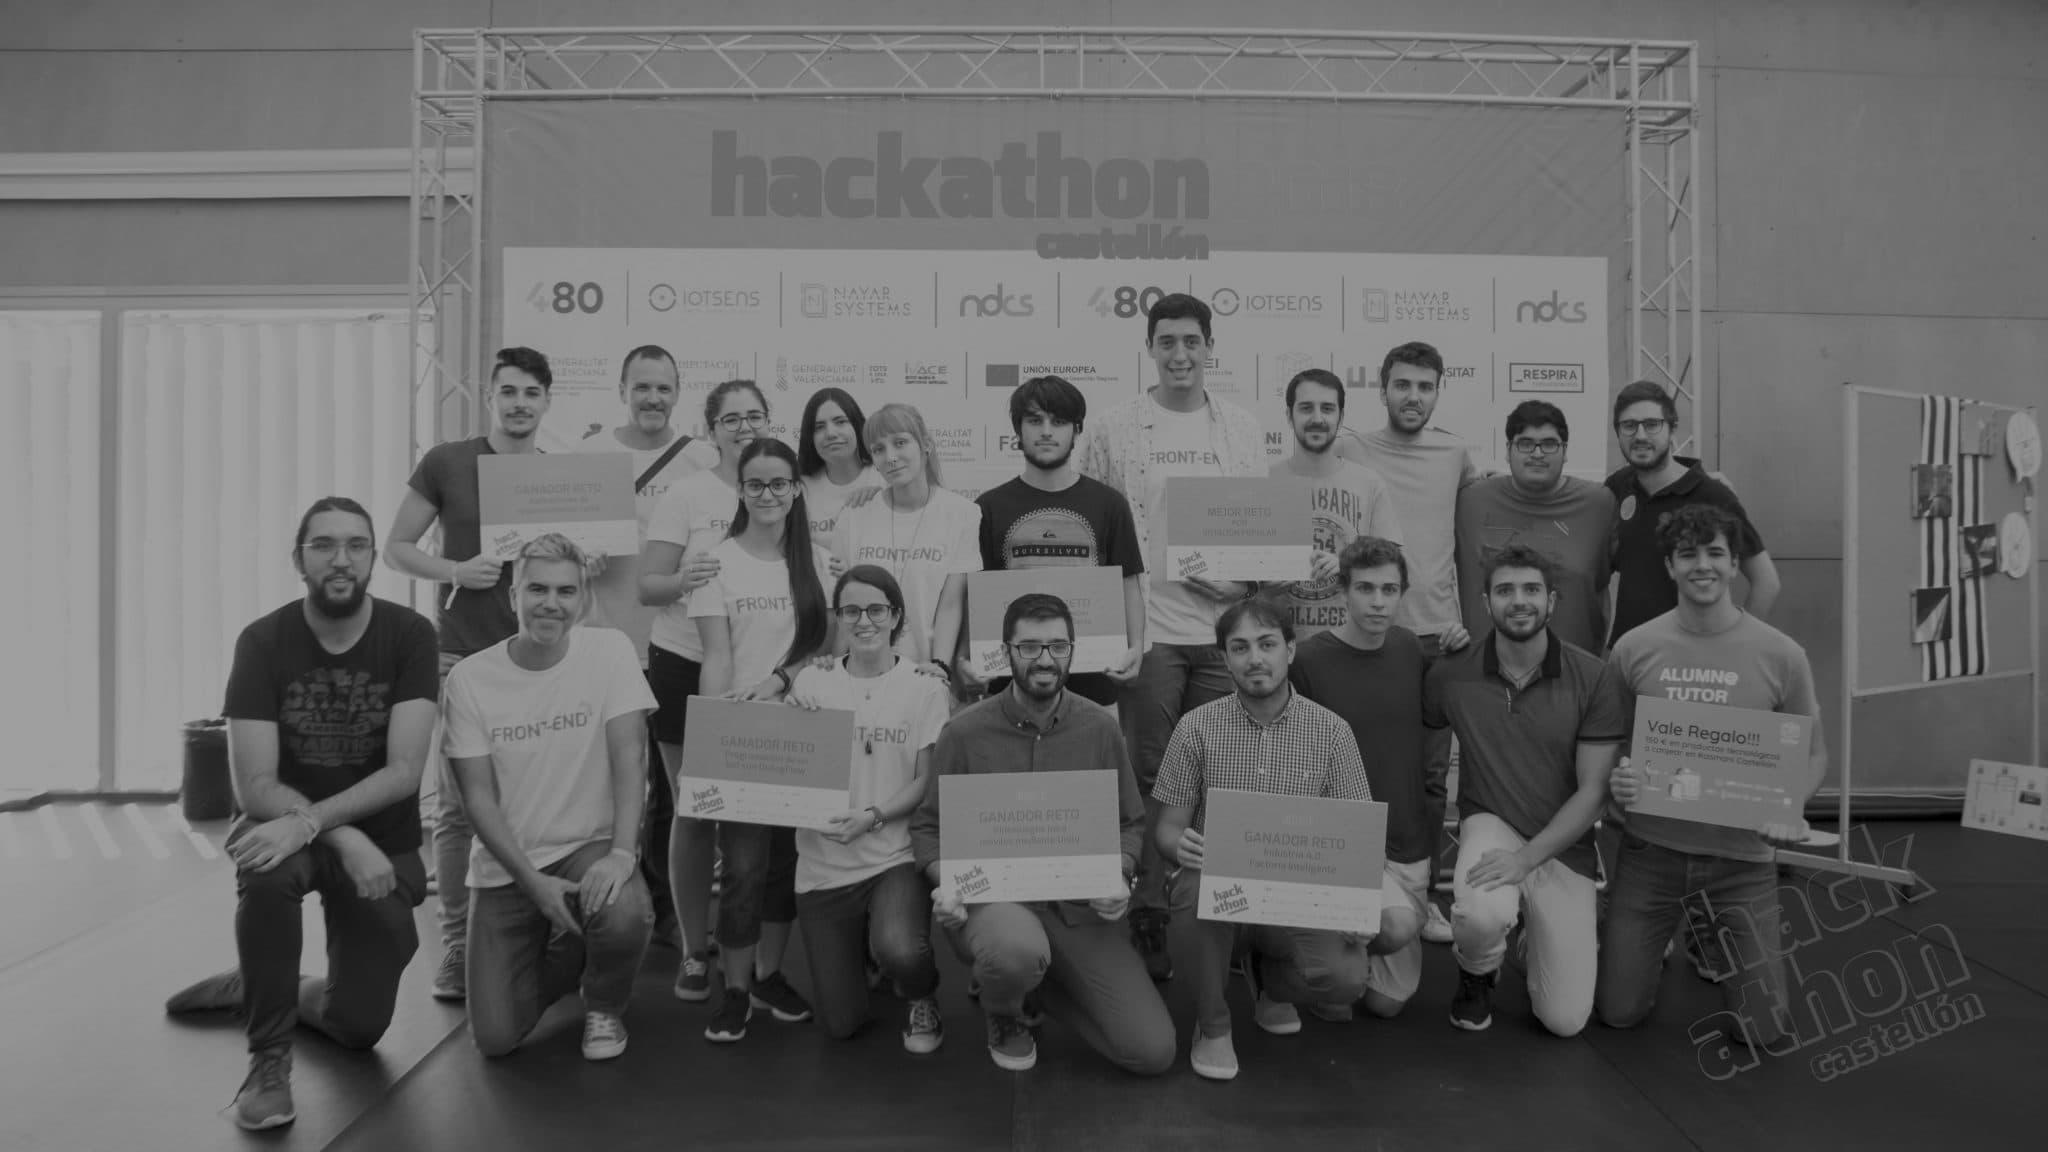 Ganadores Hackathon 2018